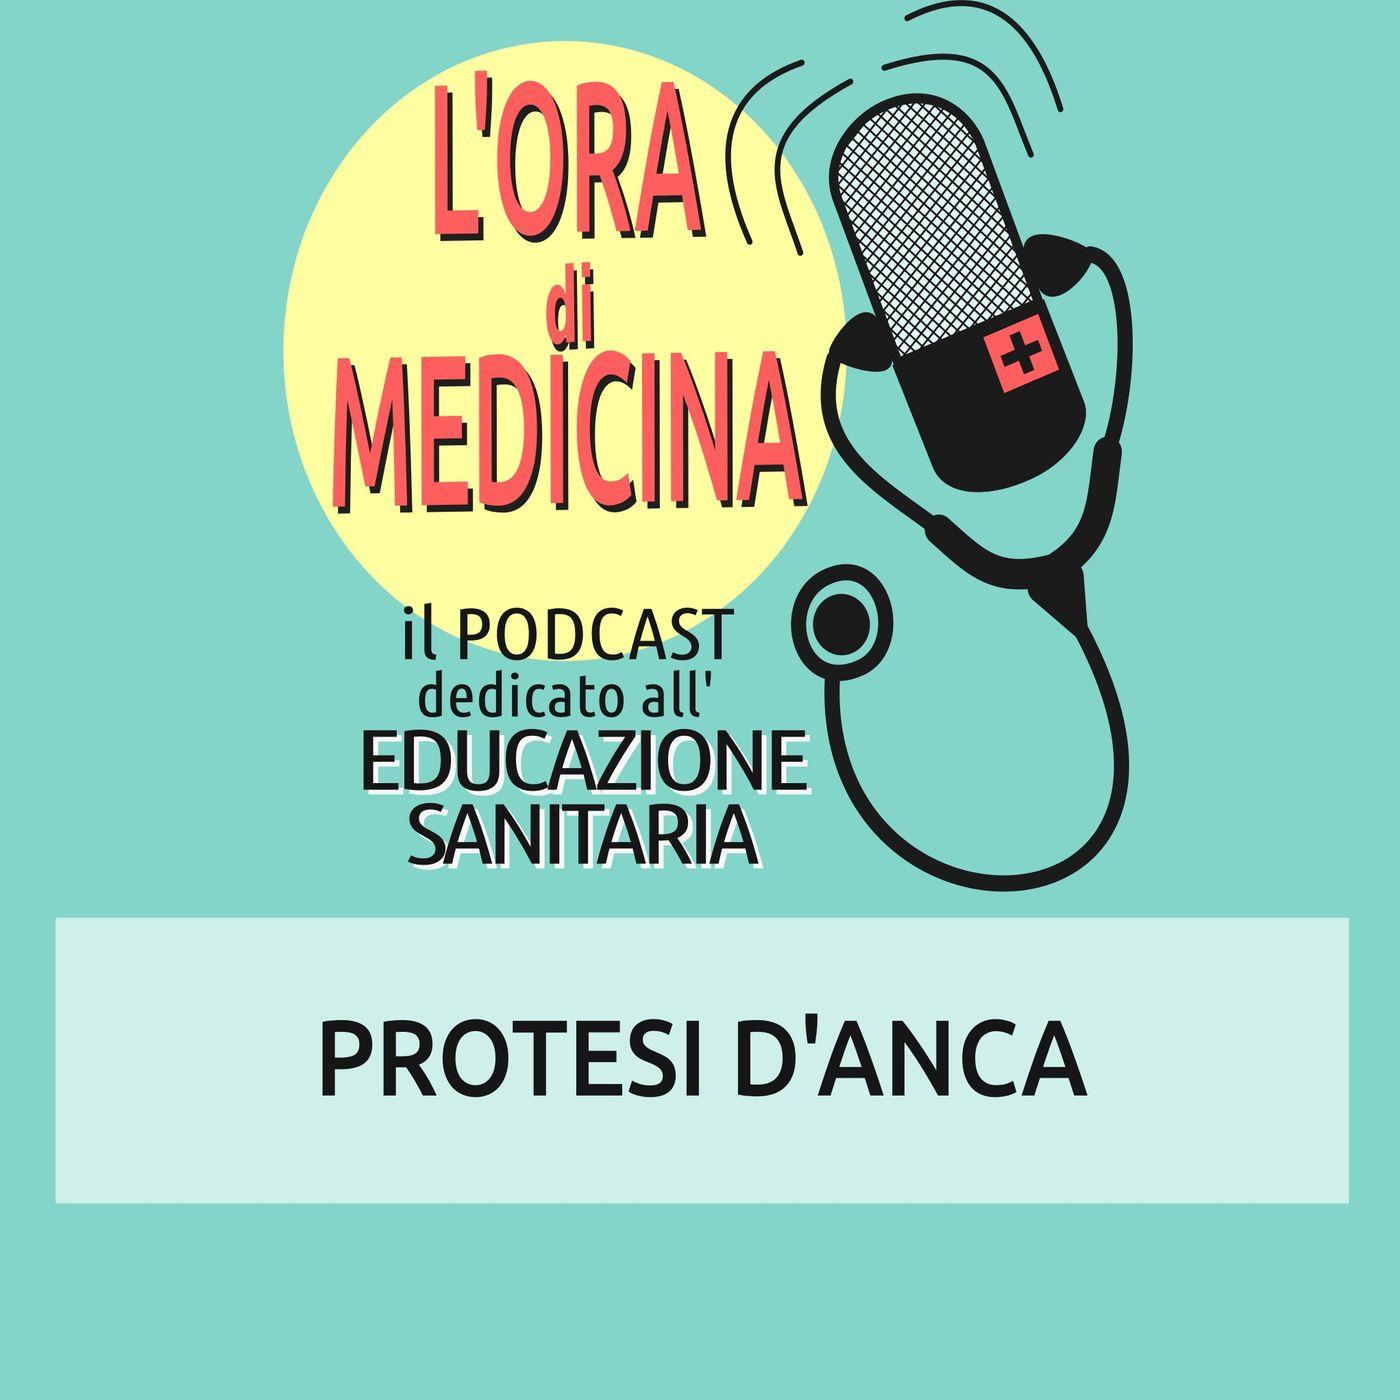 Ep. 88 | Protesi d'anca